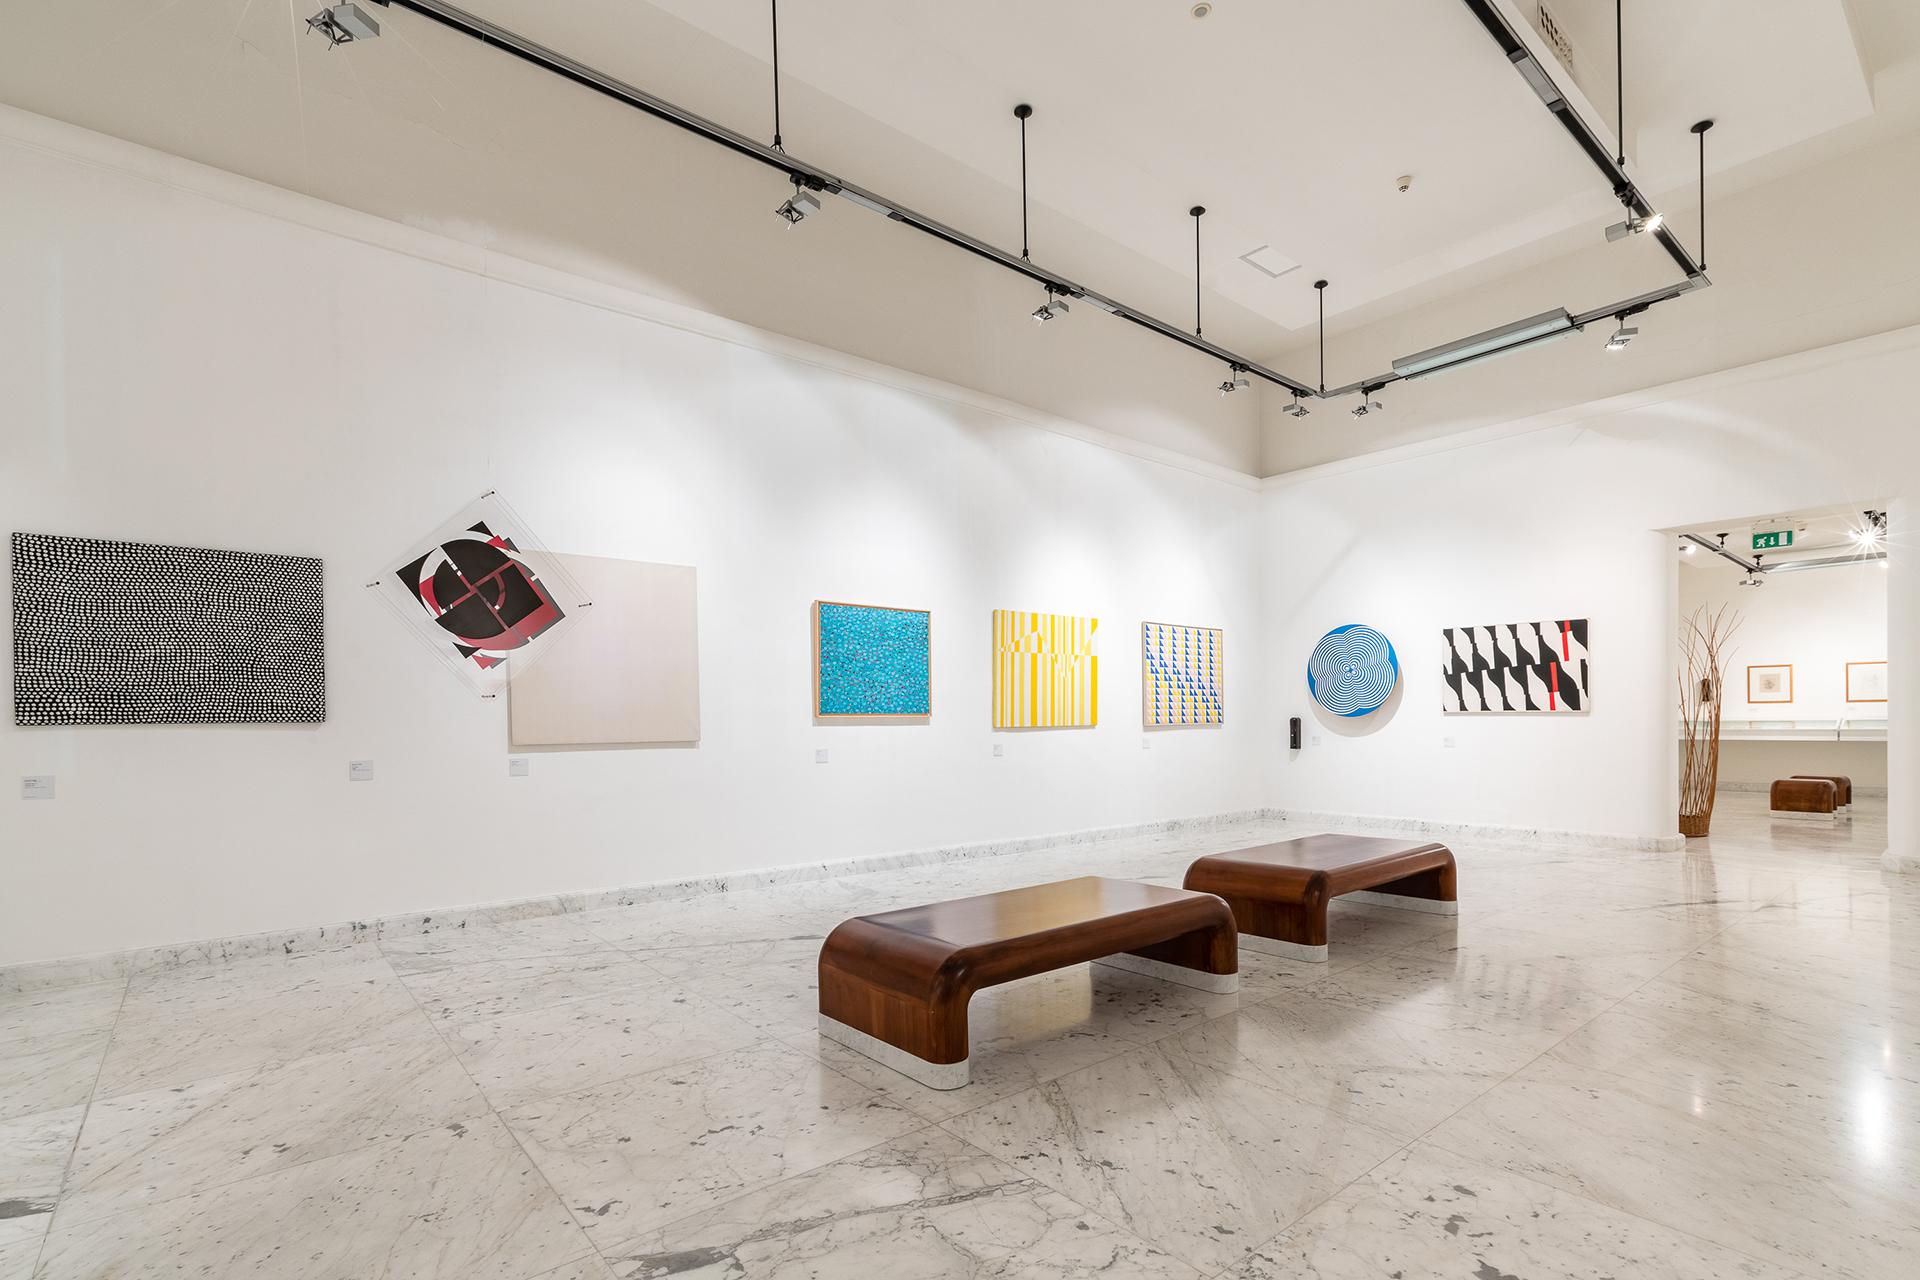 Visita al Museo - Galleria Comunale d'arte di Cagliari